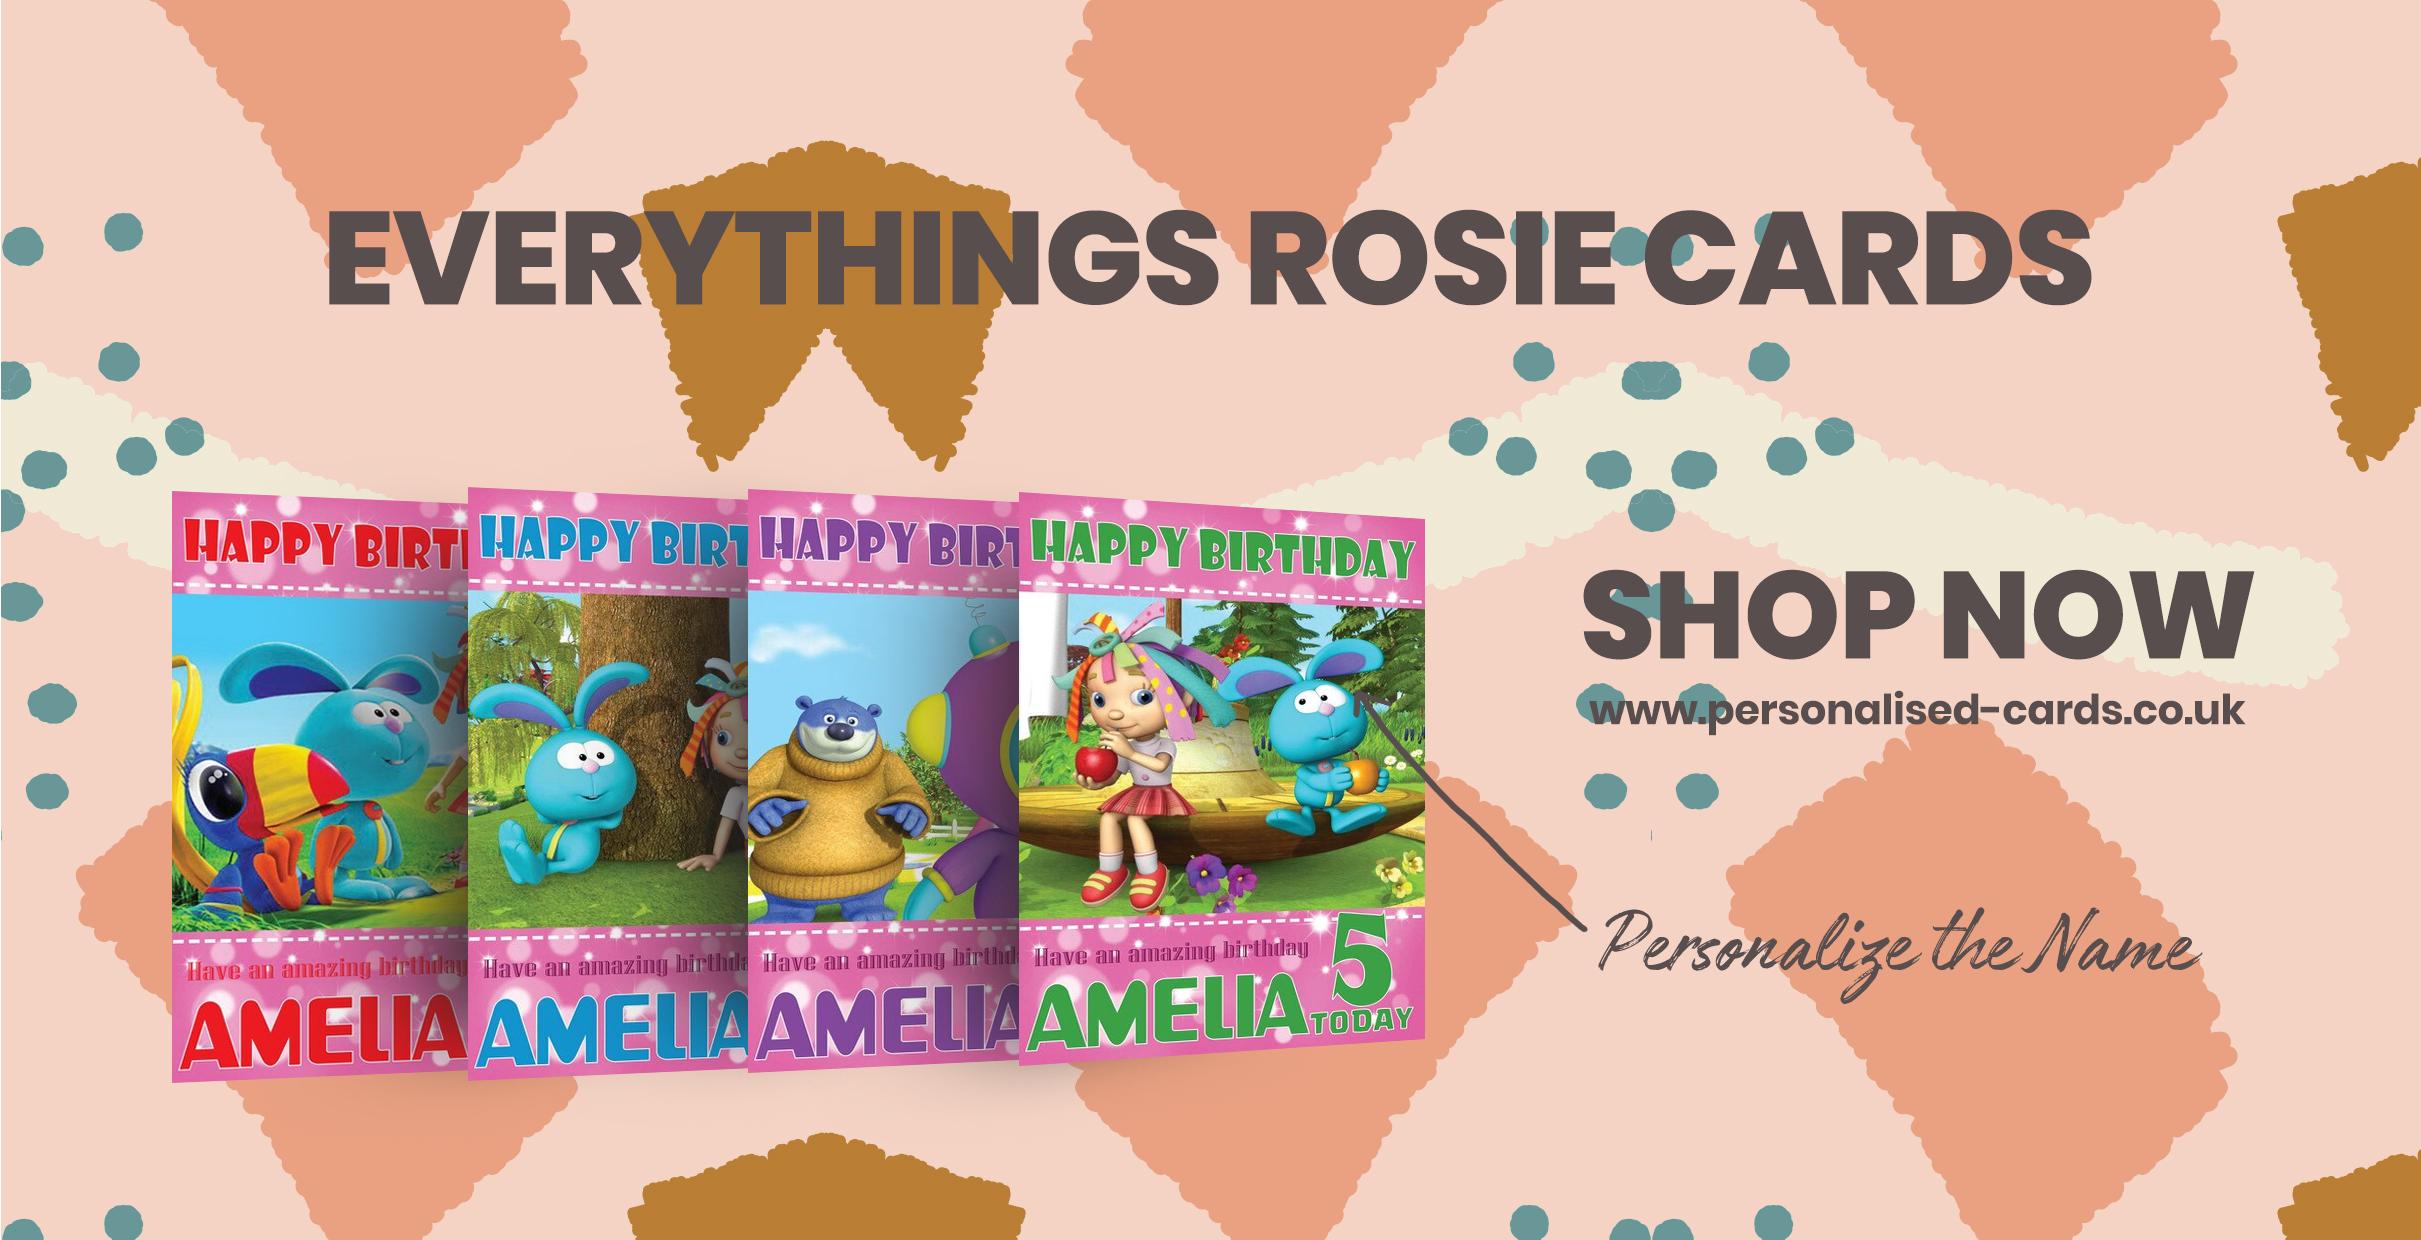 everythings-rosie-cards.jpg